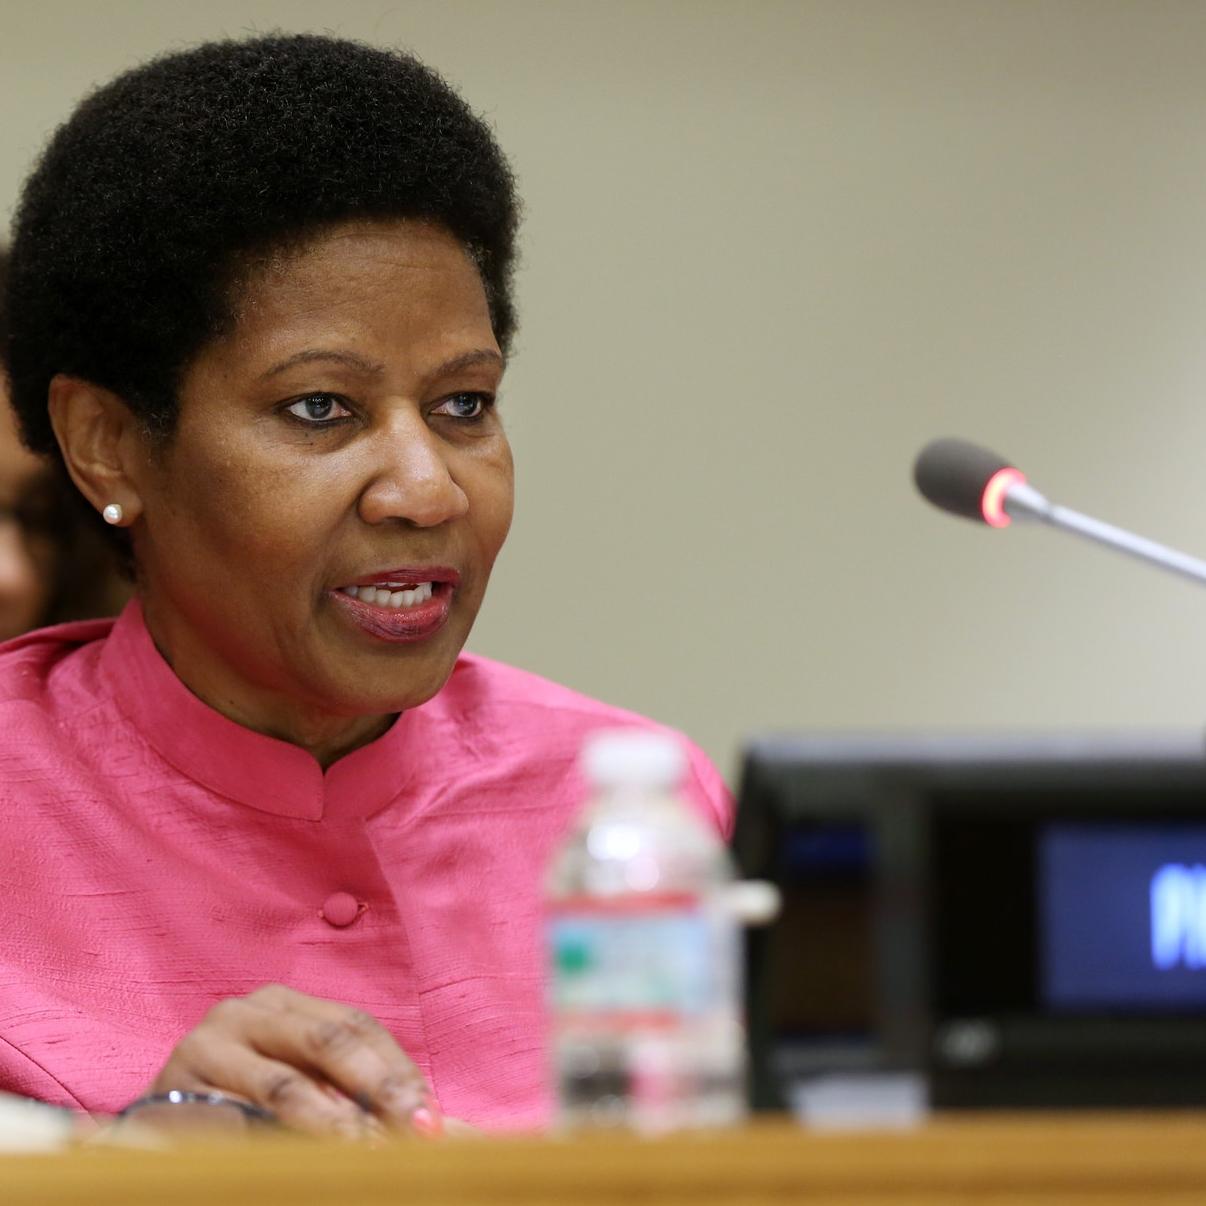 Phumzile Mlambo-Ngcuka at the UN